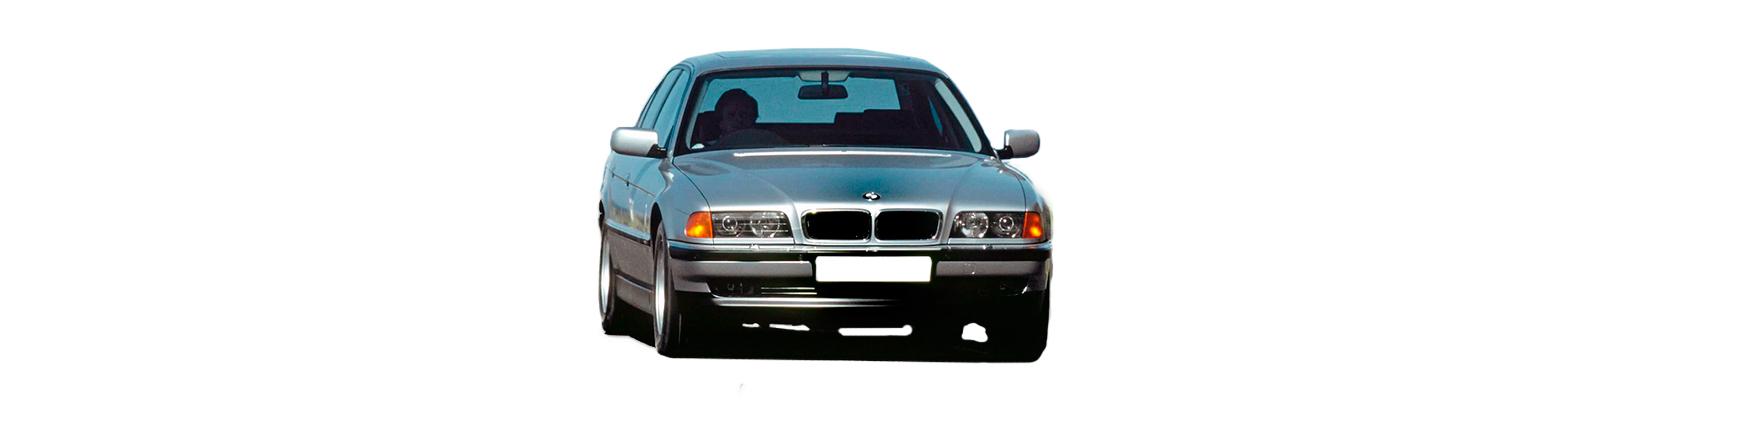 bmw serie 7 e38 1994 1995 1996 1997 1998 venta recambios online